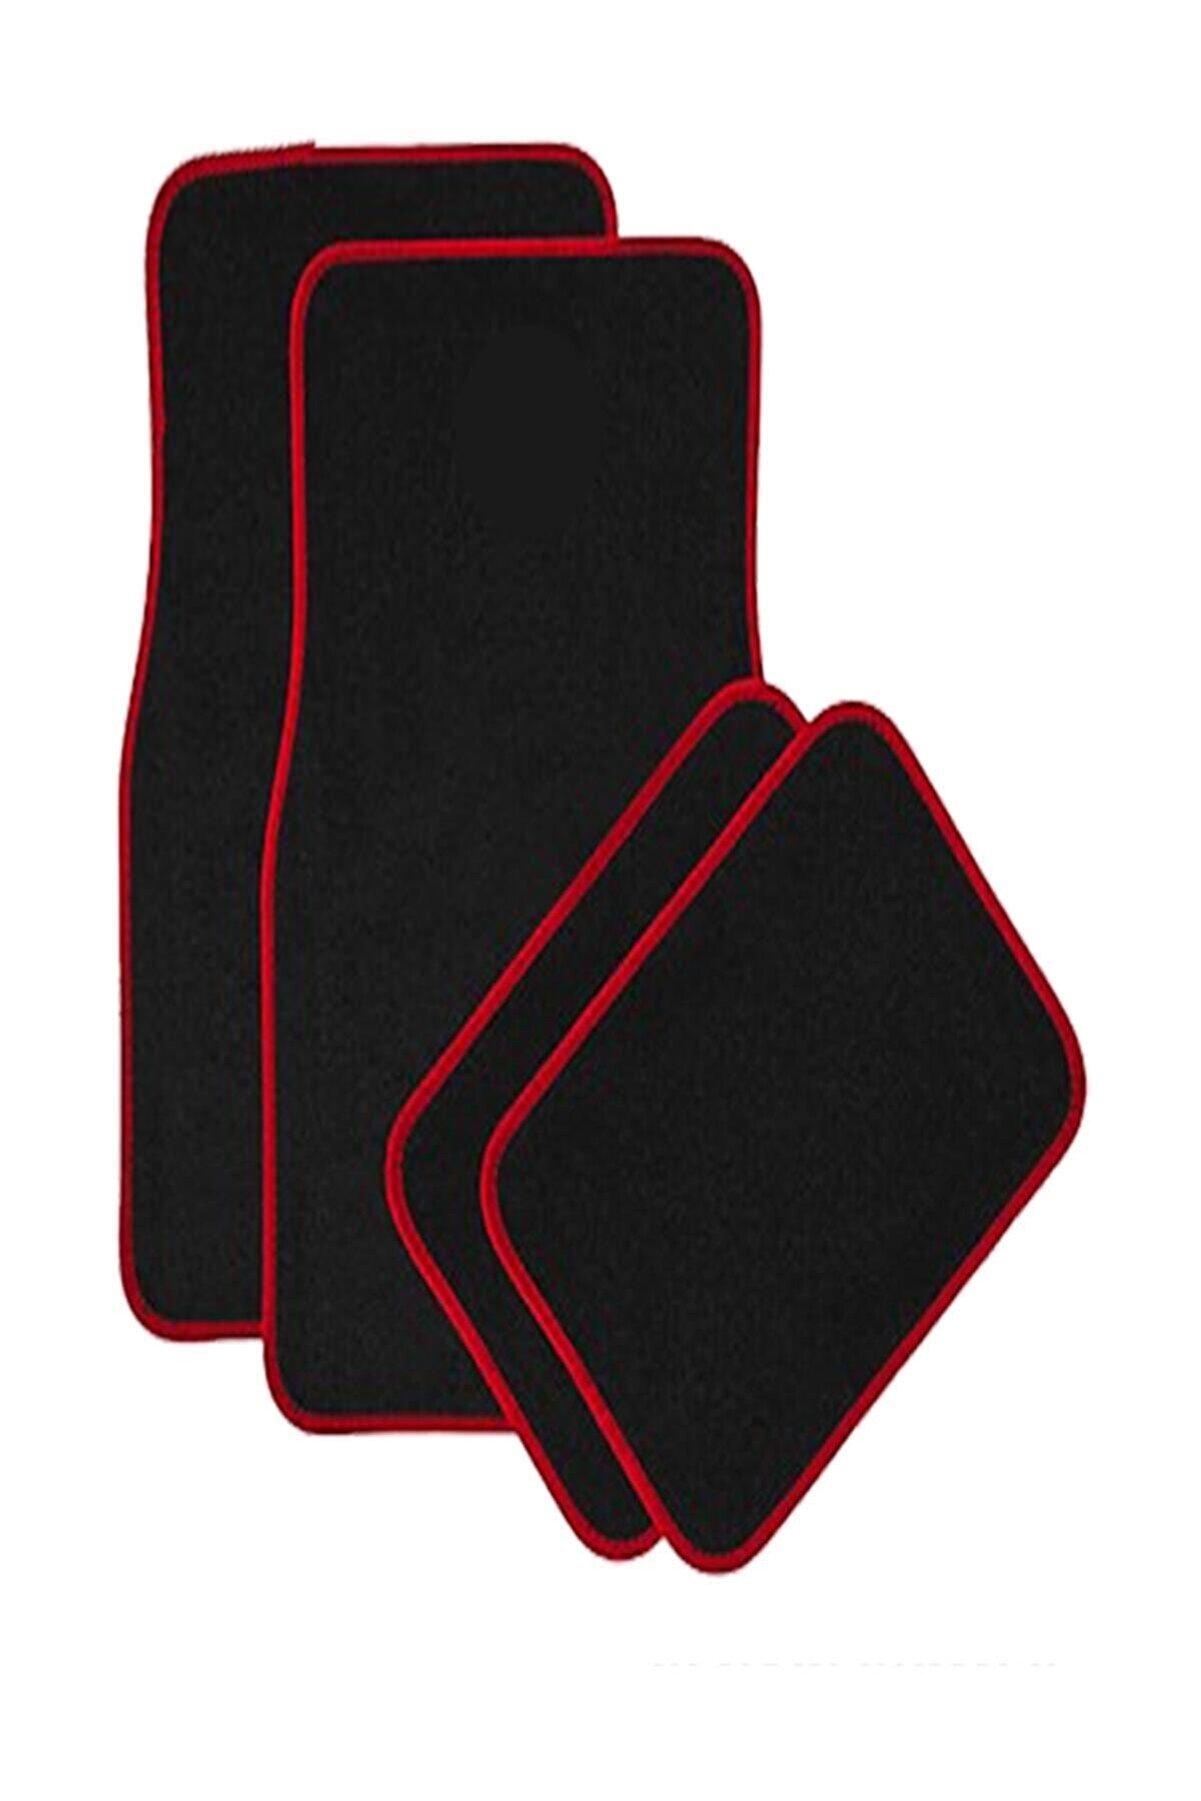 ModaCar 4 Parça Kaymaz Siyah Kırmızı Kenar Araba Halı Paspas